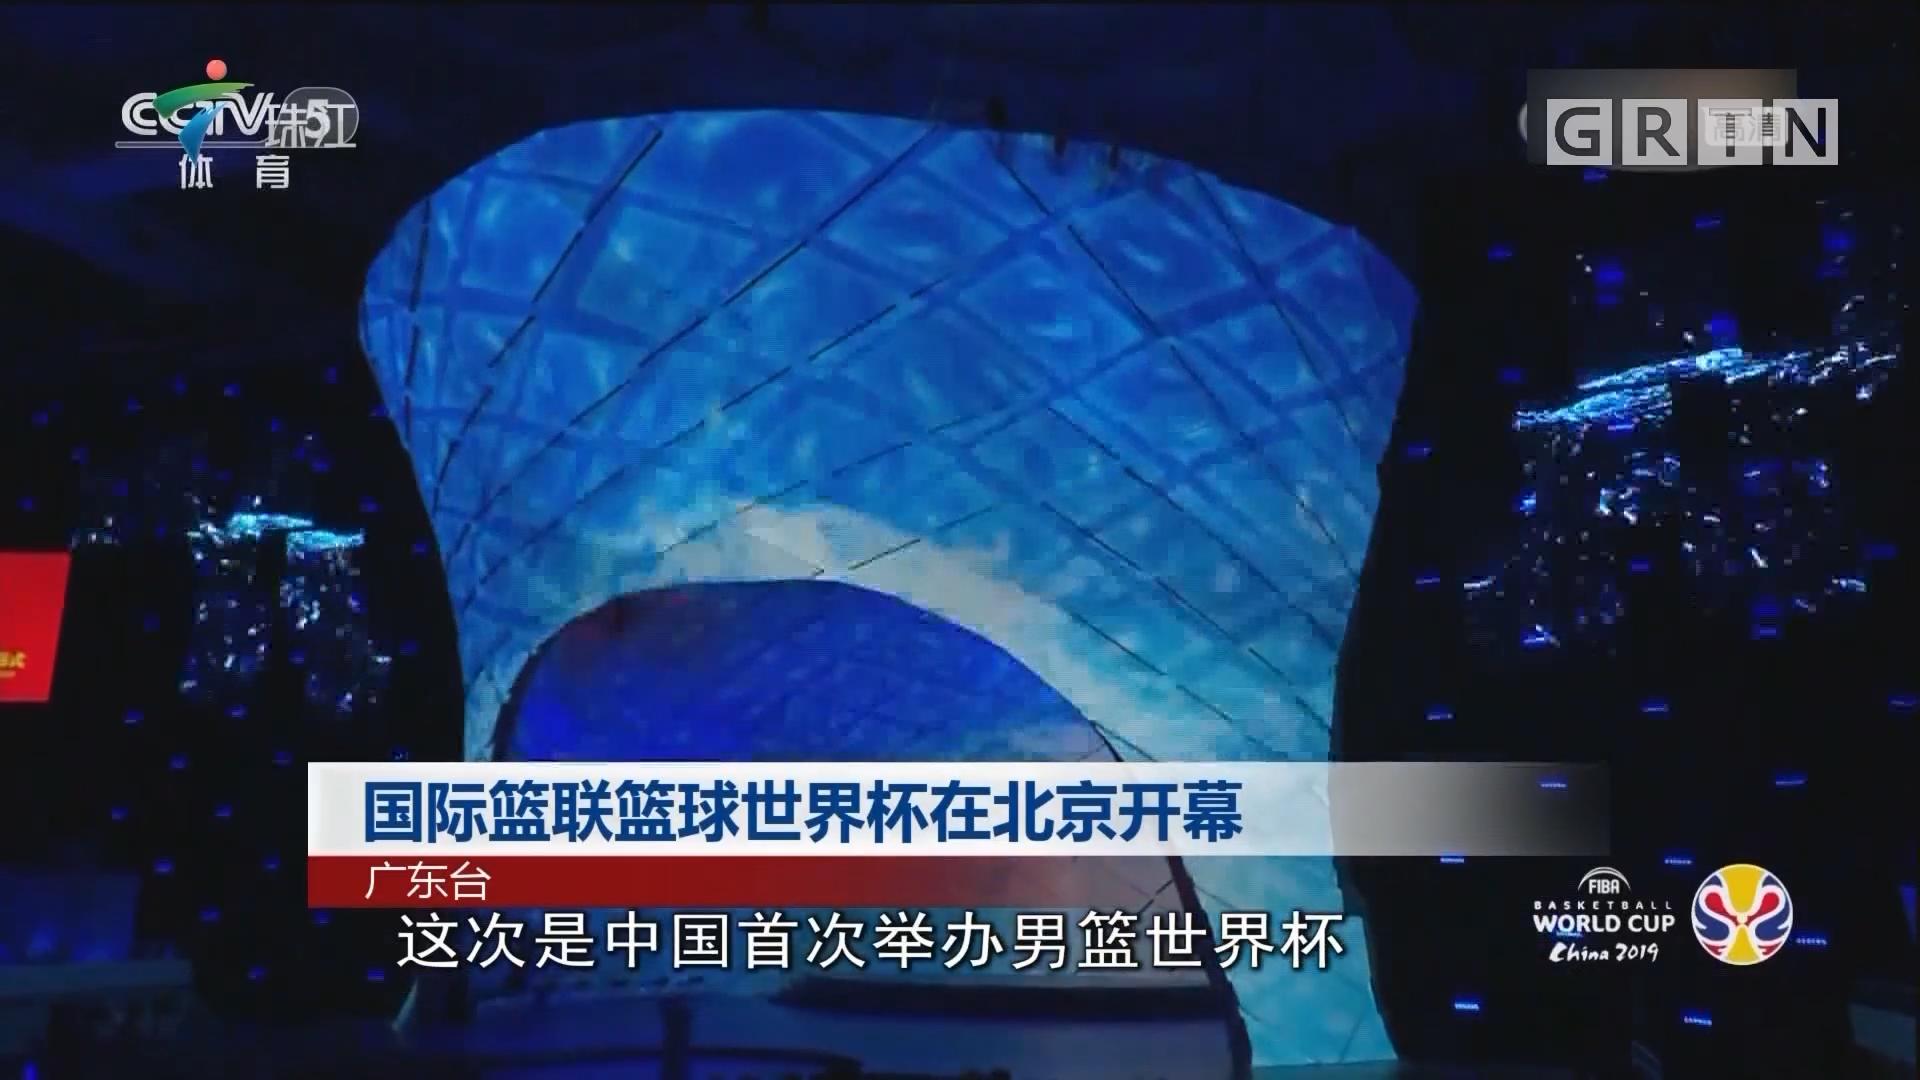 国际篮联篮球世界杯在北京开幕